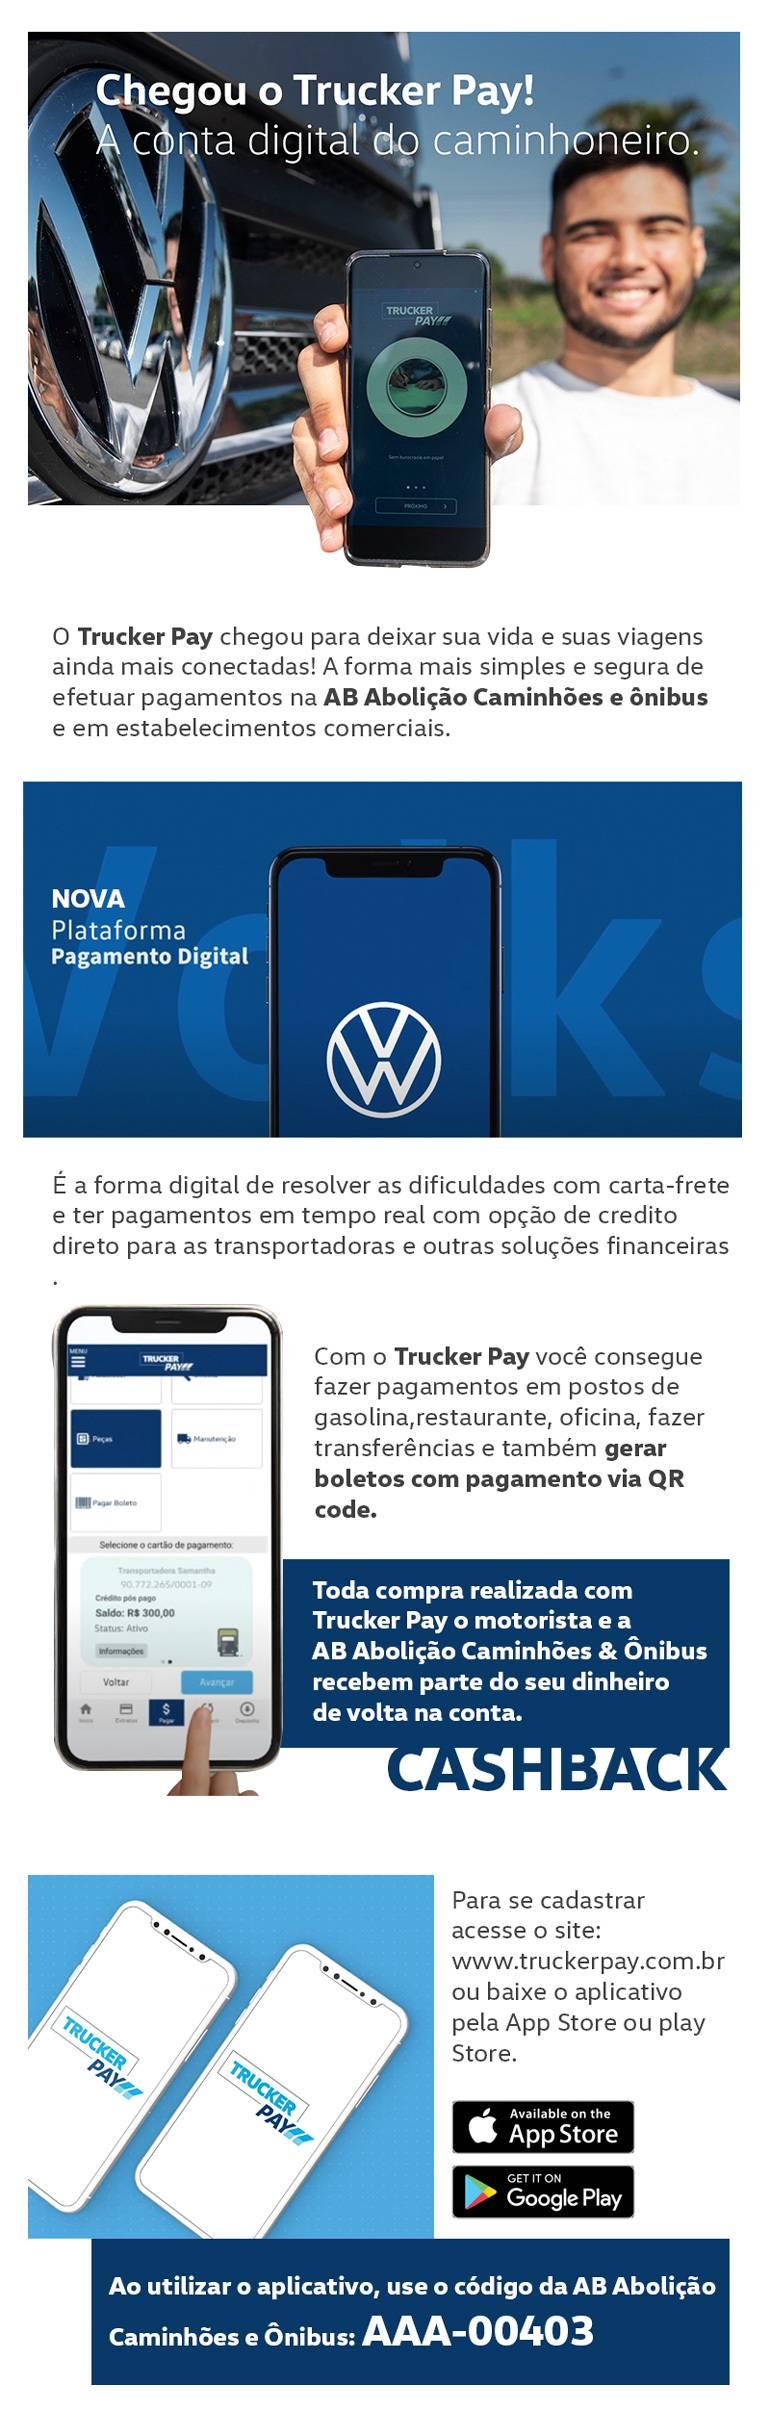 Trucker Pay - AB Abolição Caminhões